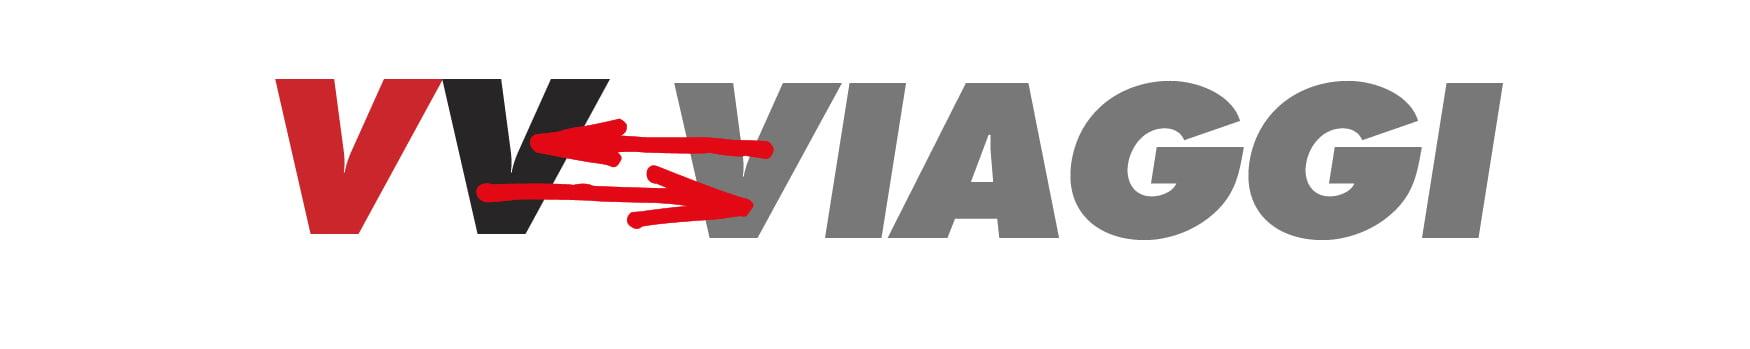 VV-VIAGGIII